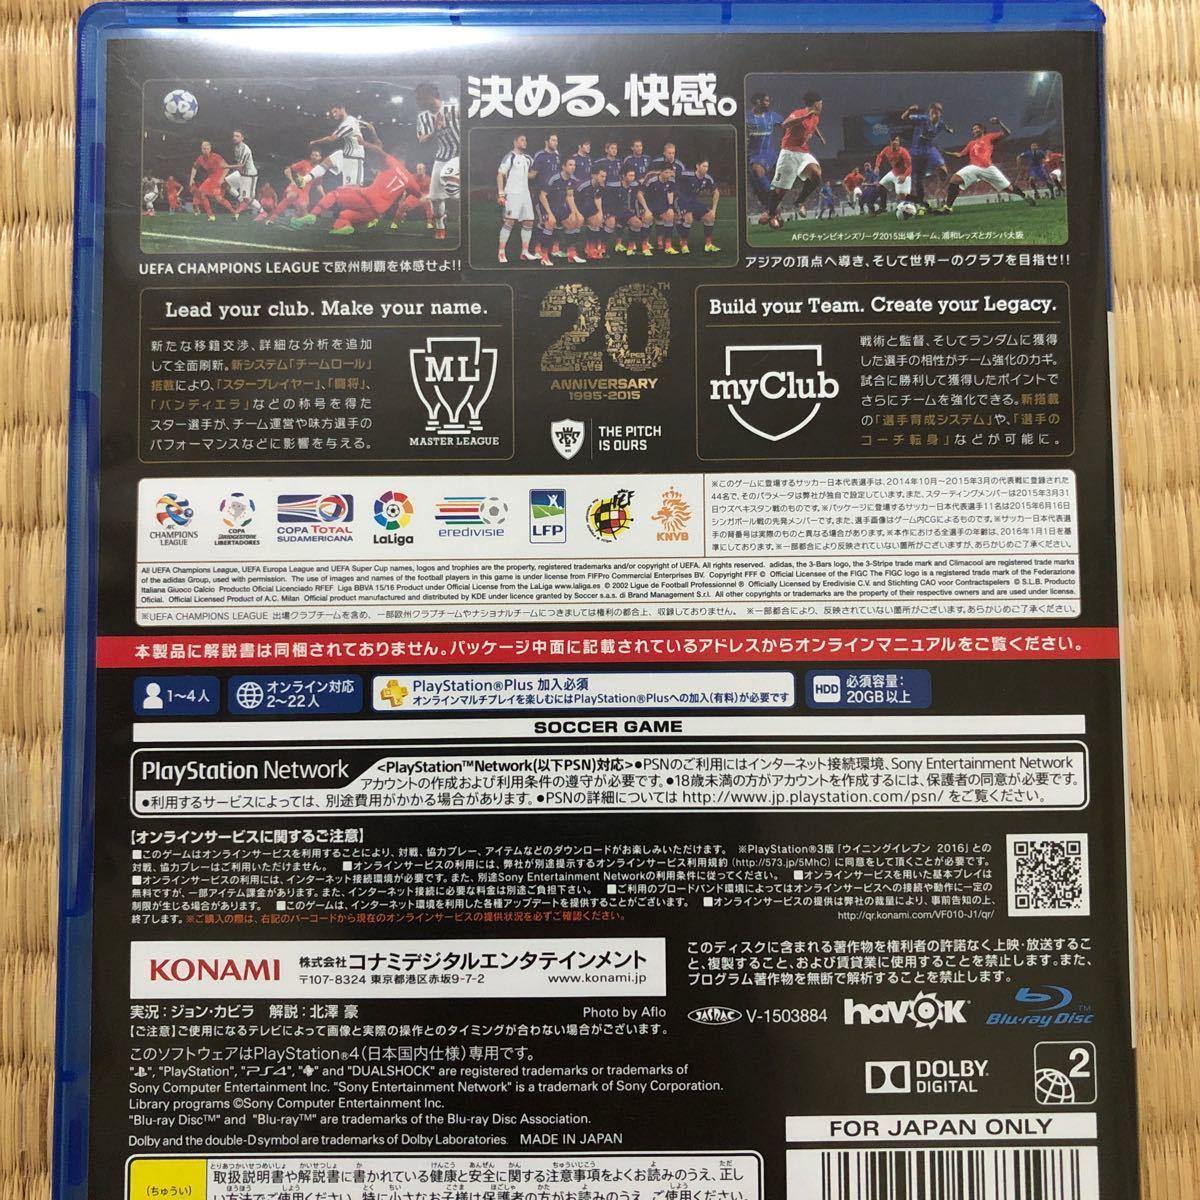 PS4 ウイニングイレブン2016☆人気サッカーゲーム地味ハマ♪(^ω^)